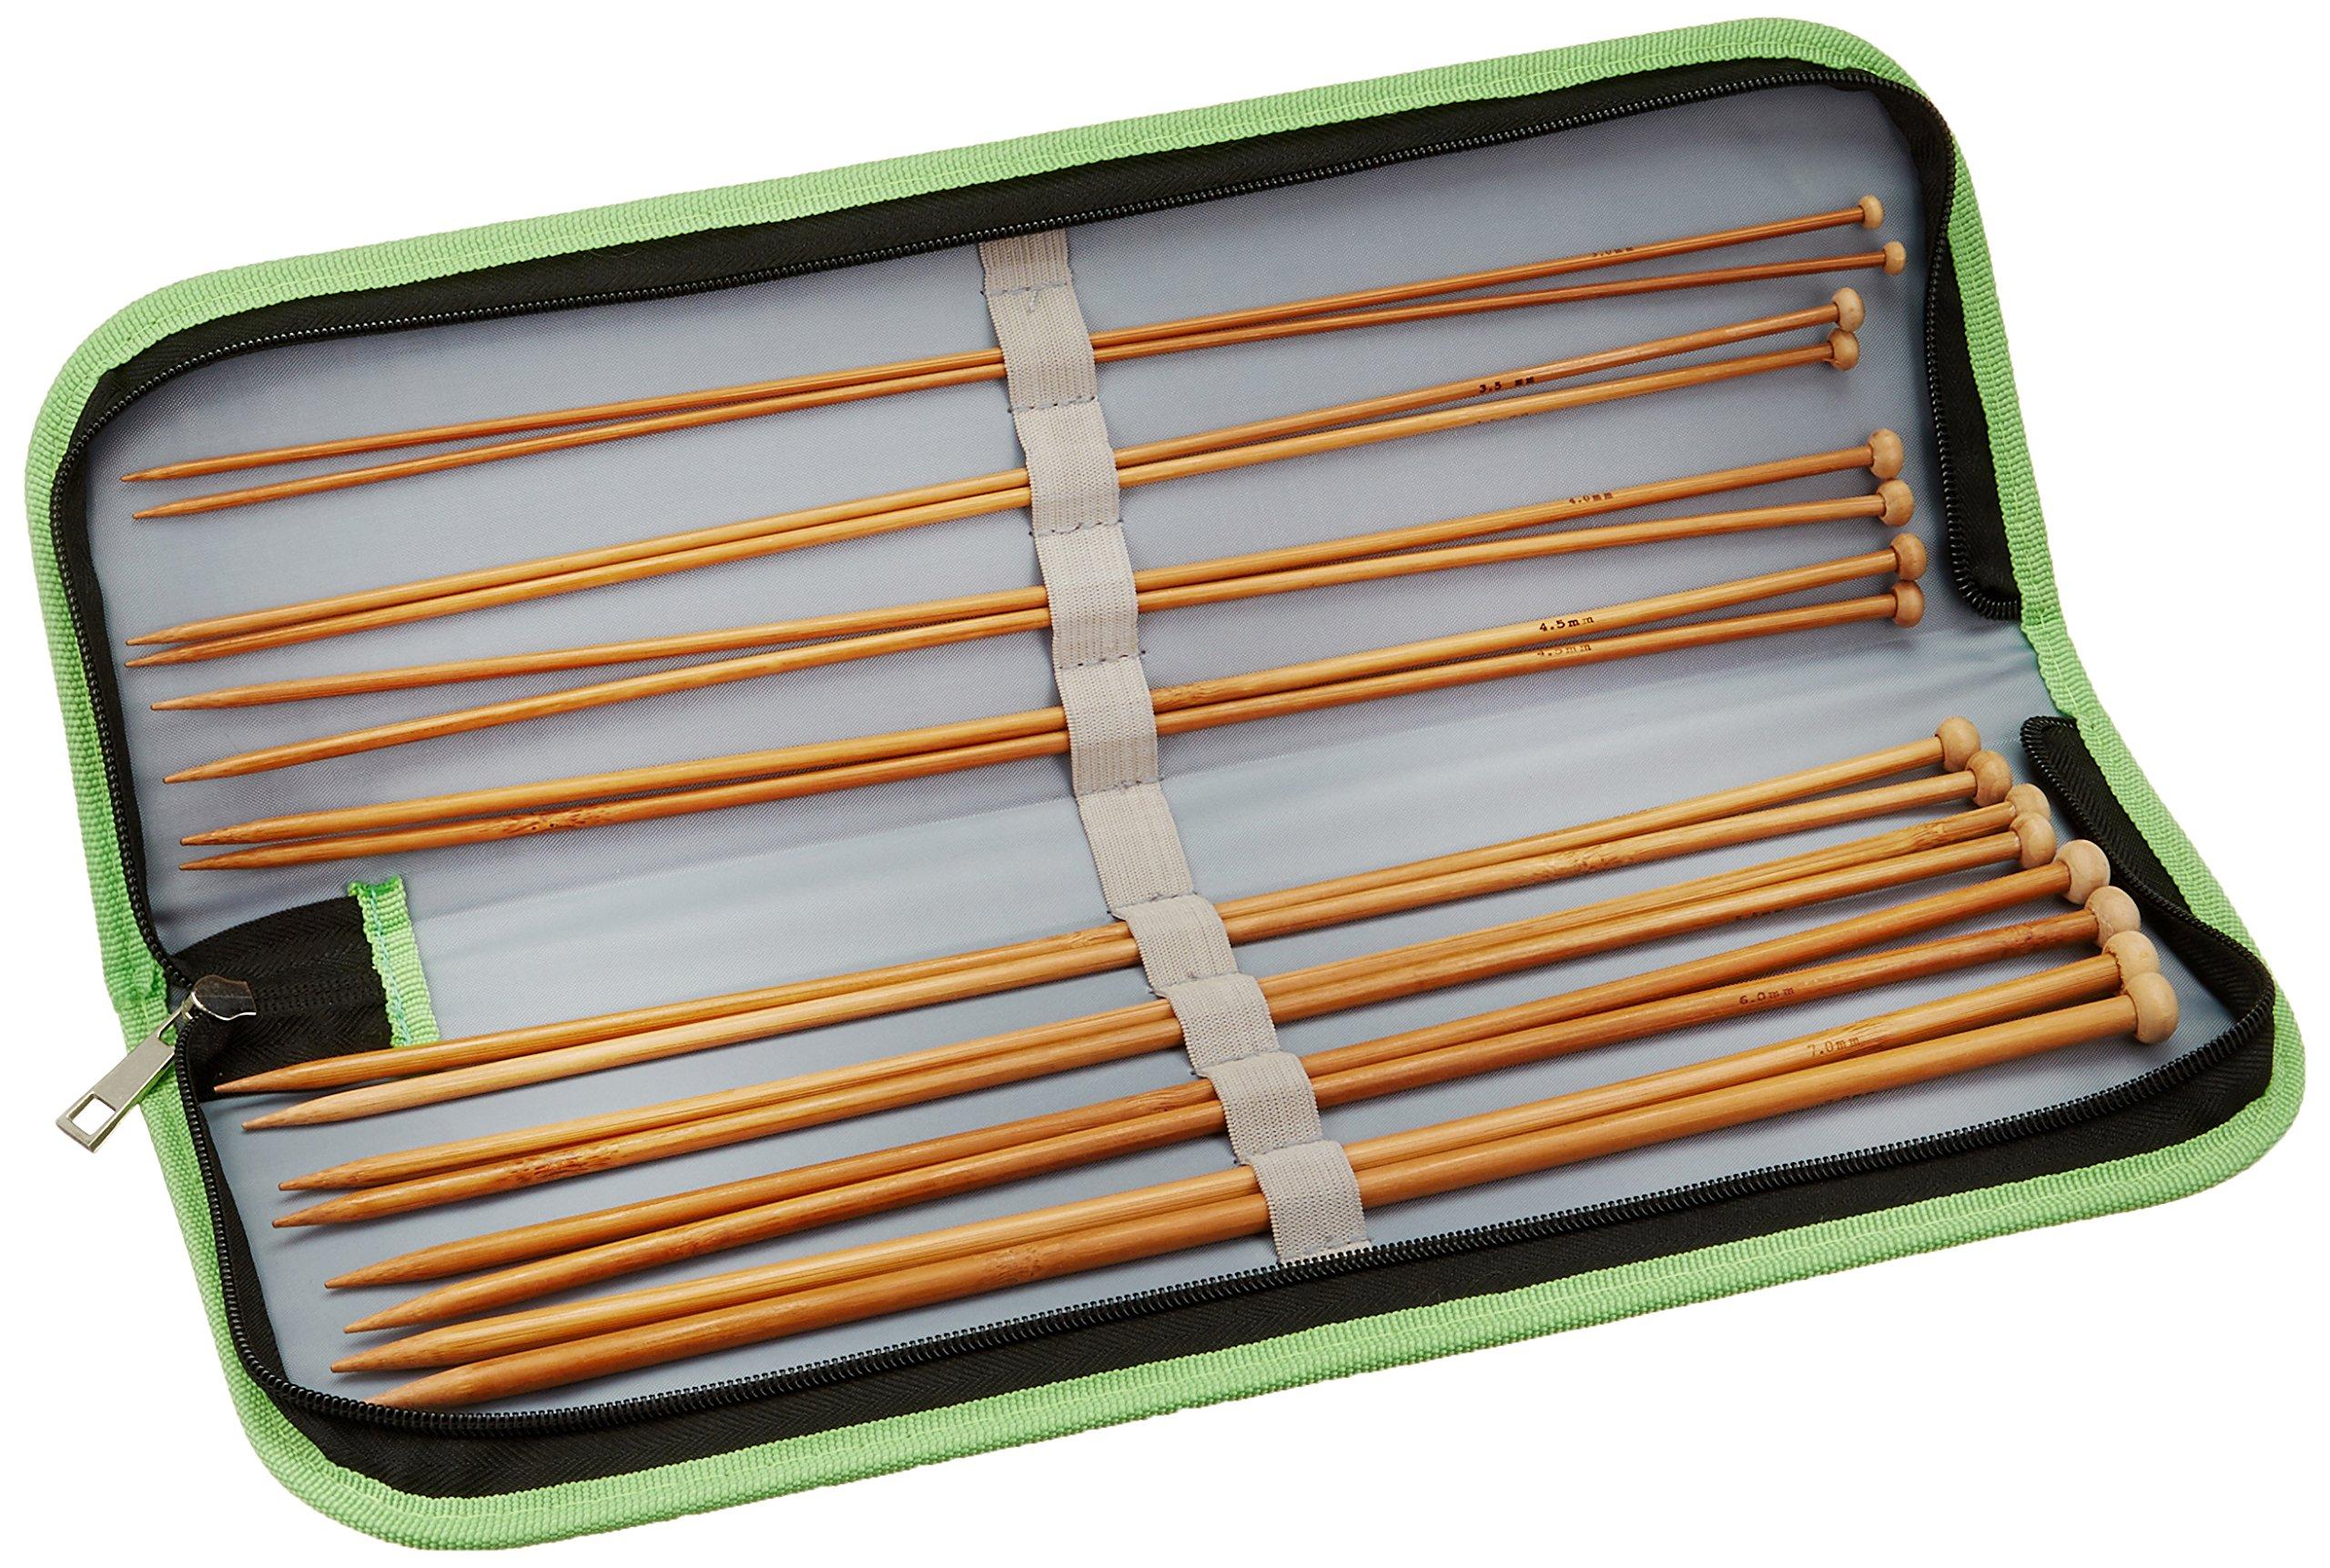 Kole Las importaciones OS346 bambú Agujas de Tejer, Juego en Estuche de Almacenamiento, Multicolor: Amazon.es: Hogar